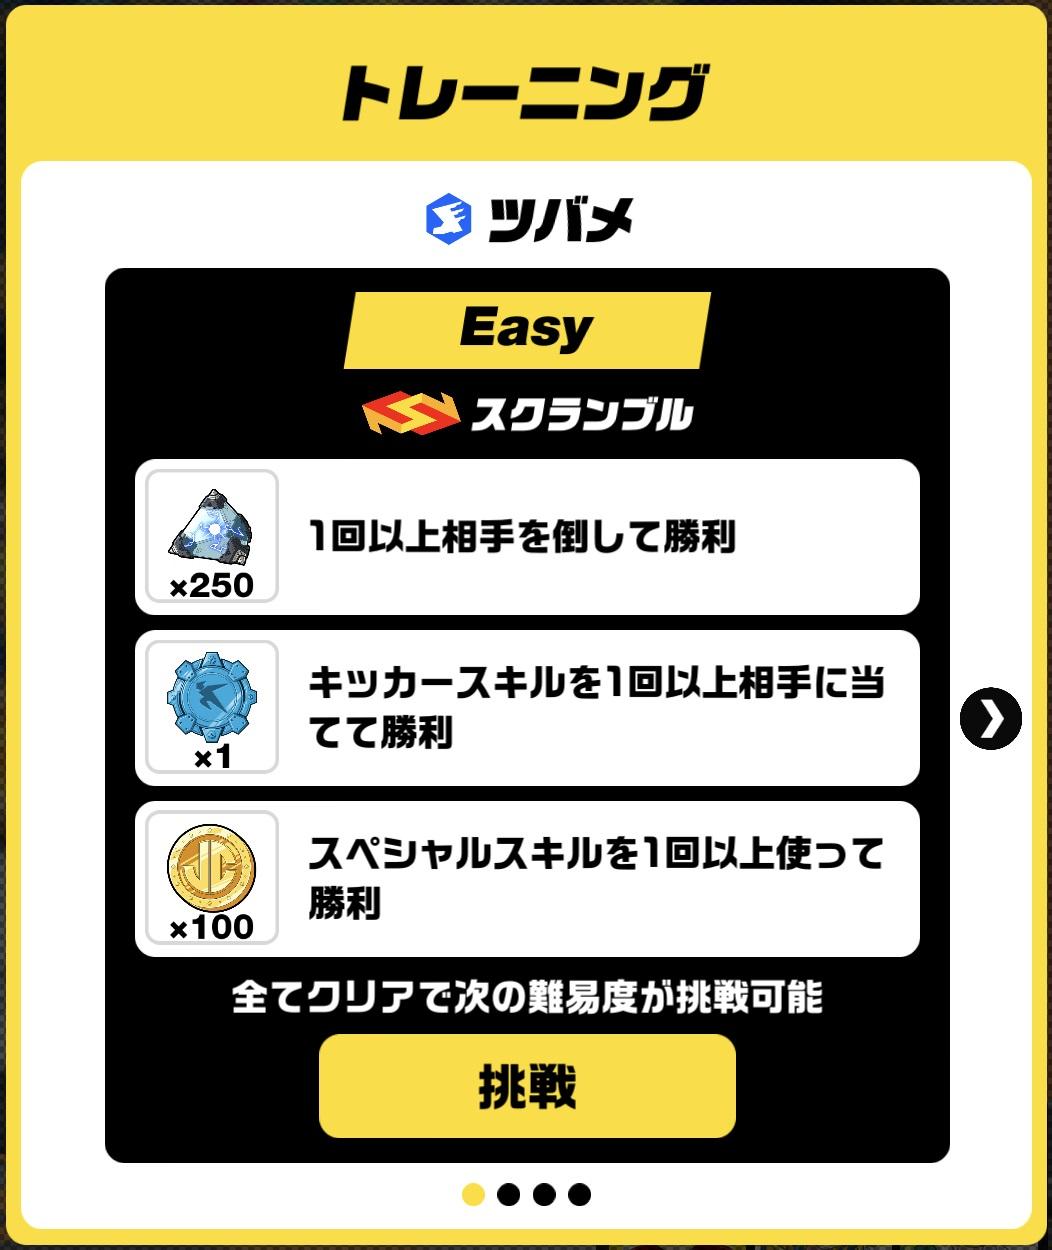 キックフライト【攻略】:序盤の進め方を紹介!まずはキッカーやディスクの特徴を把握しよう!!